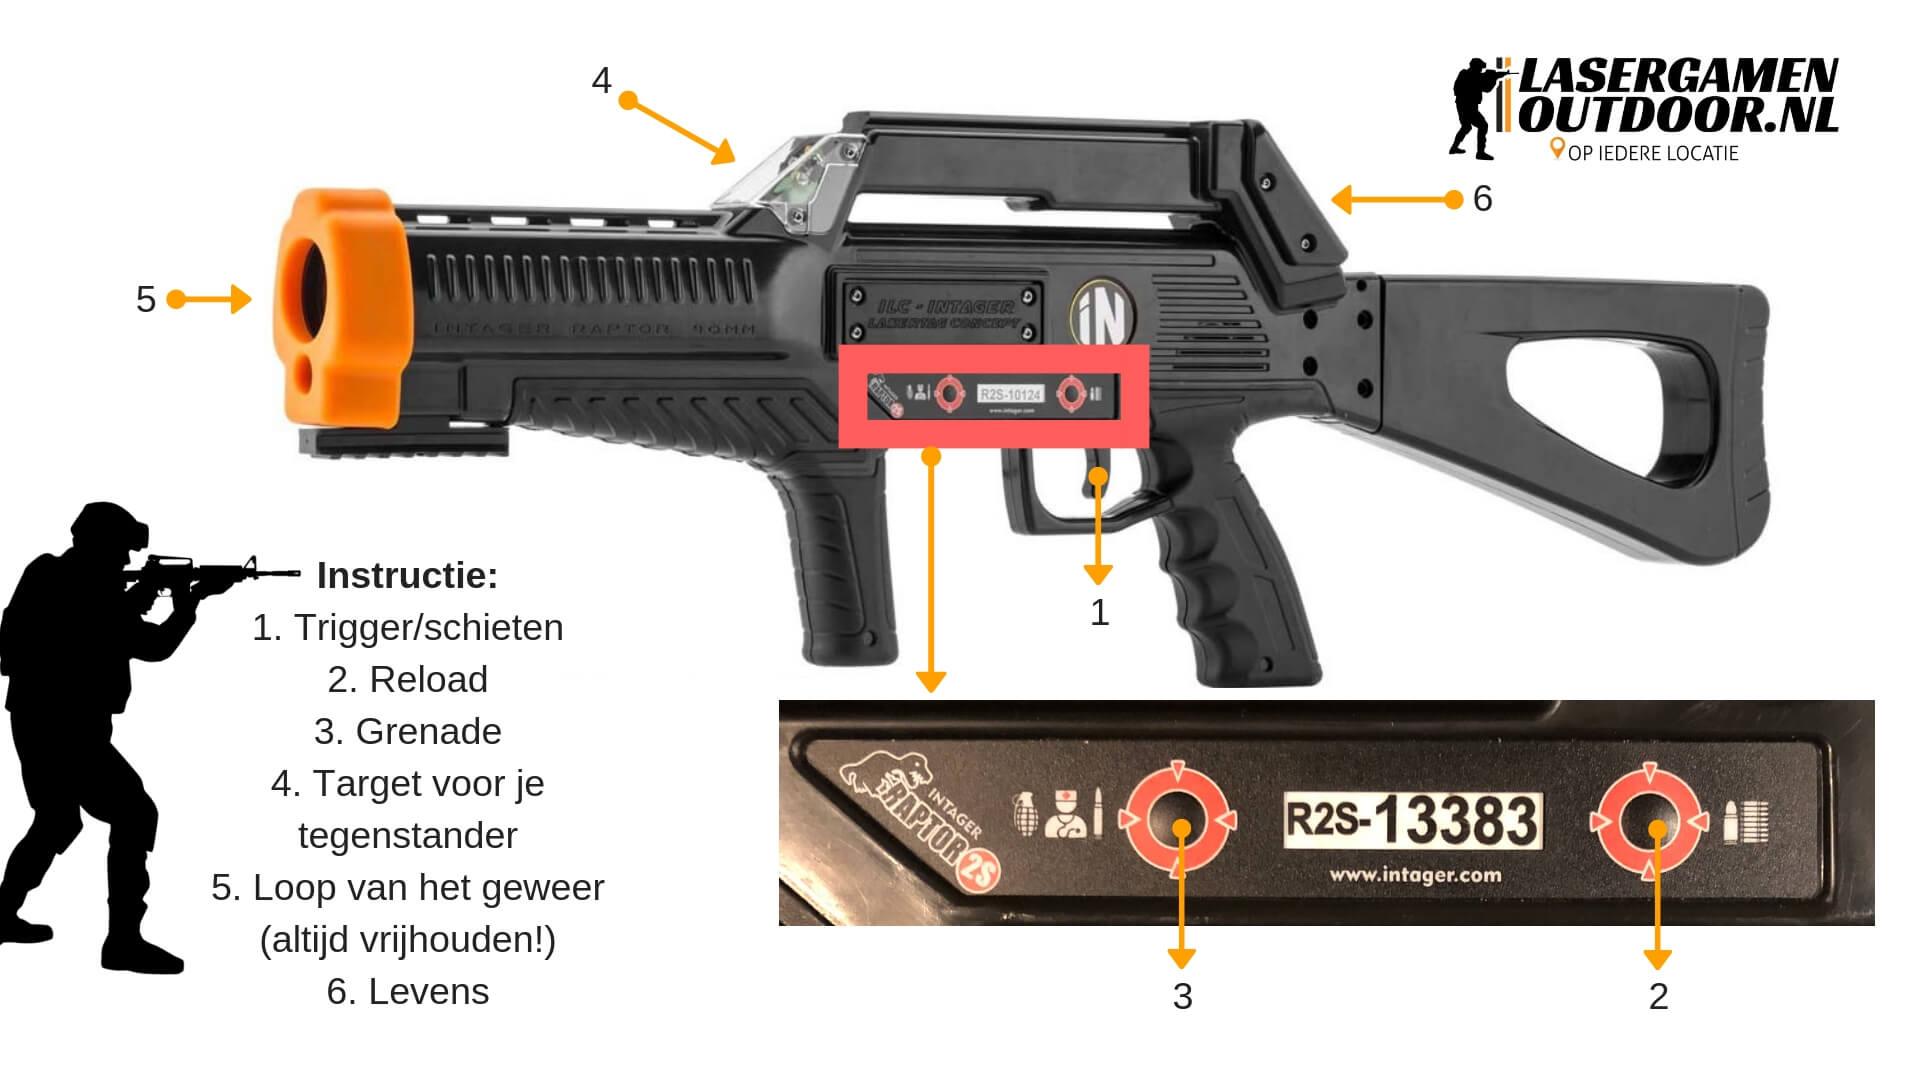 Professioneel lasergame wapen voor binnen en buiten